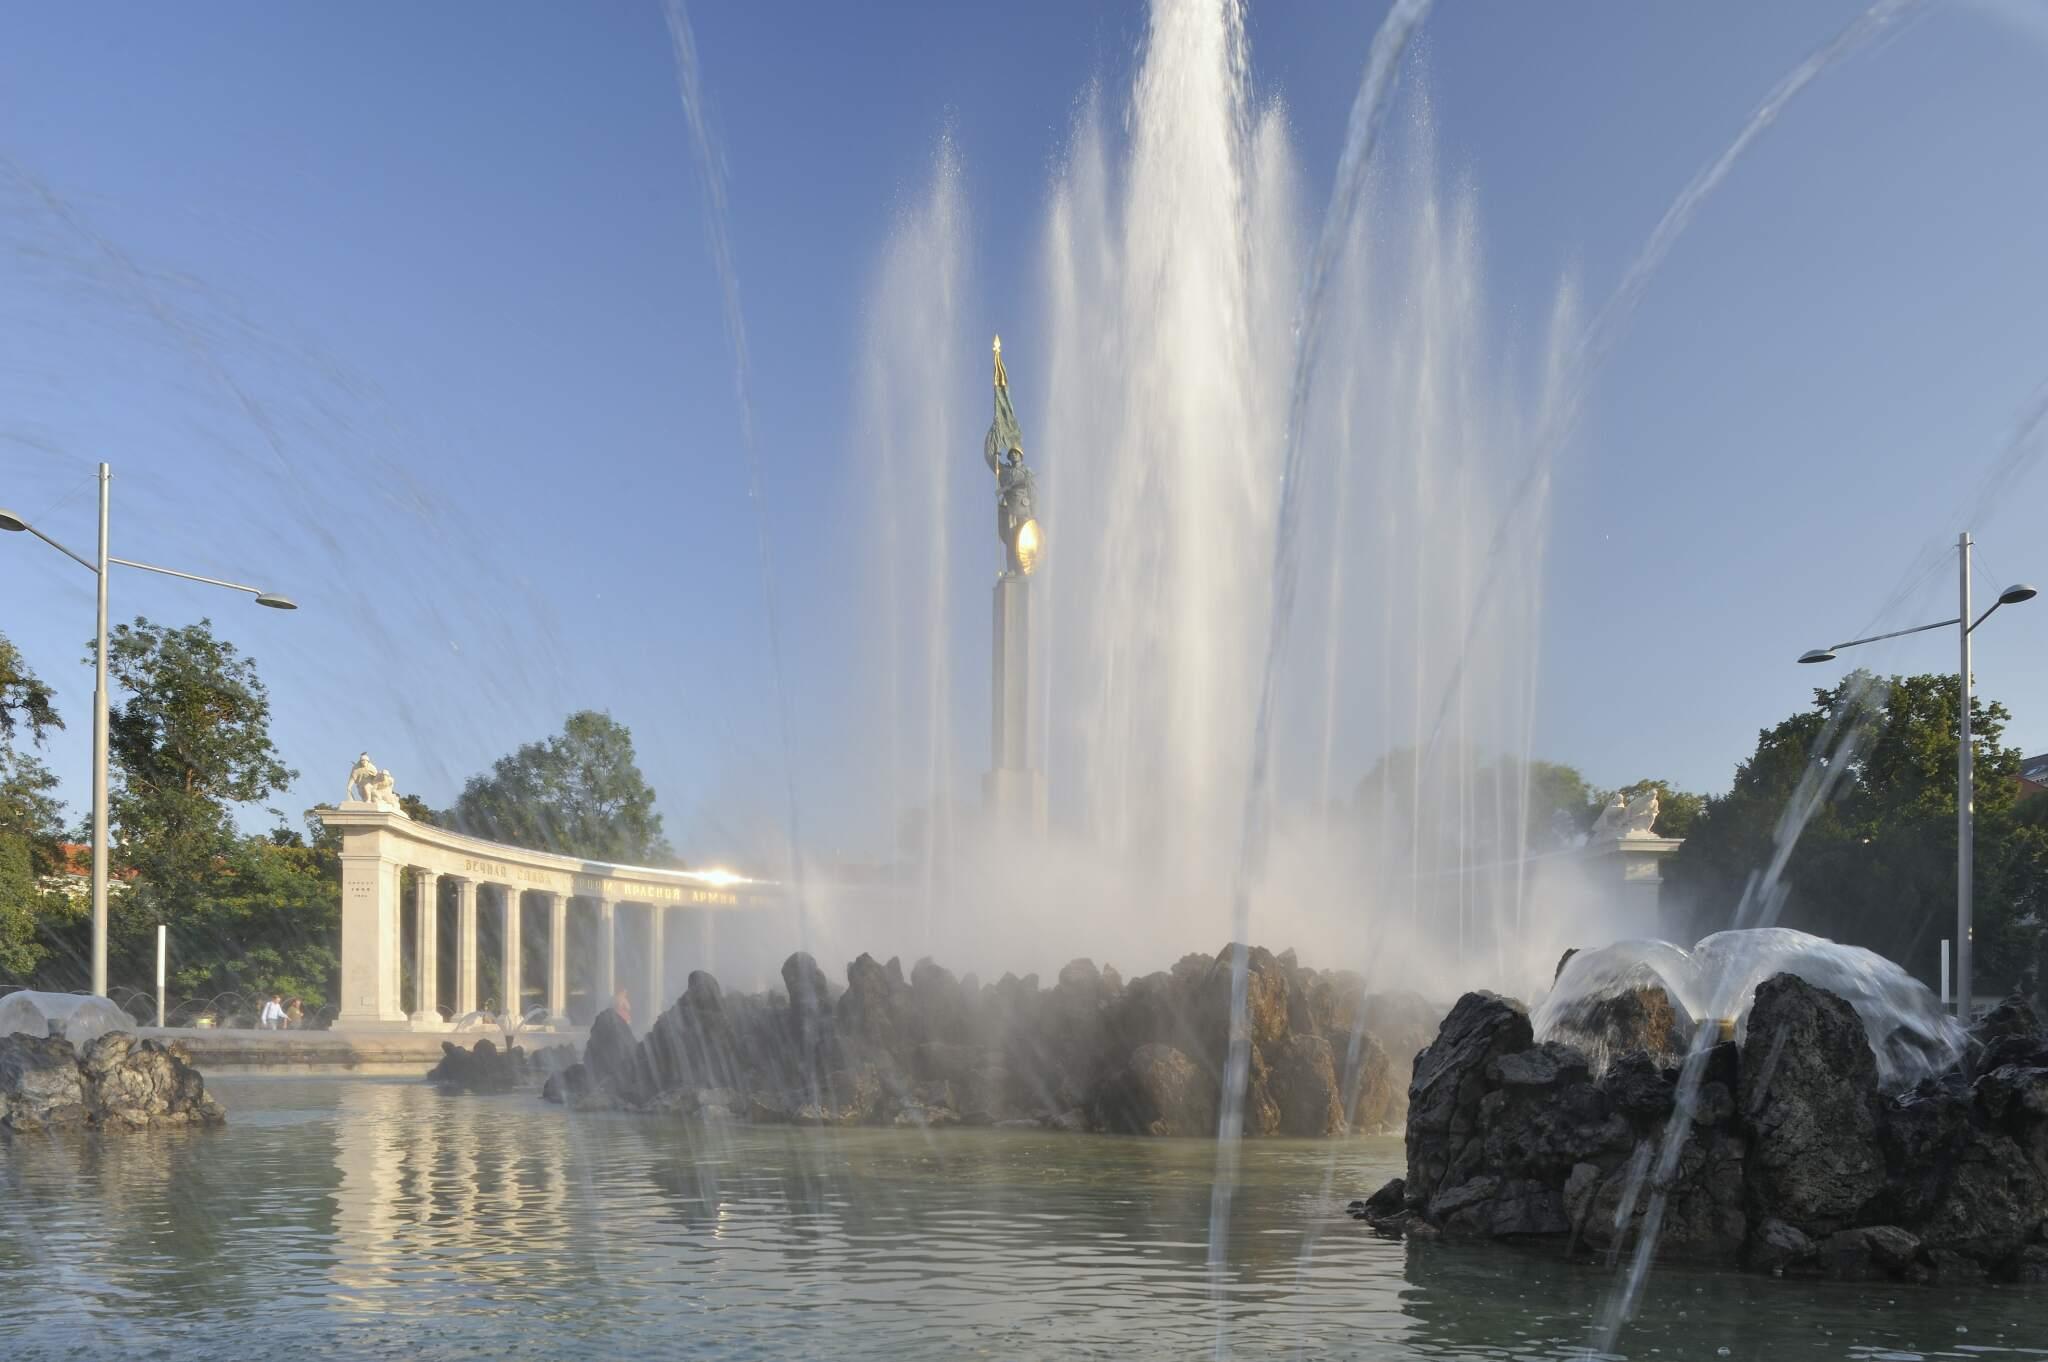 Russisches Denkmal am Schwarzenbergplatz (1. Bezirk) mit Wasserfontäne